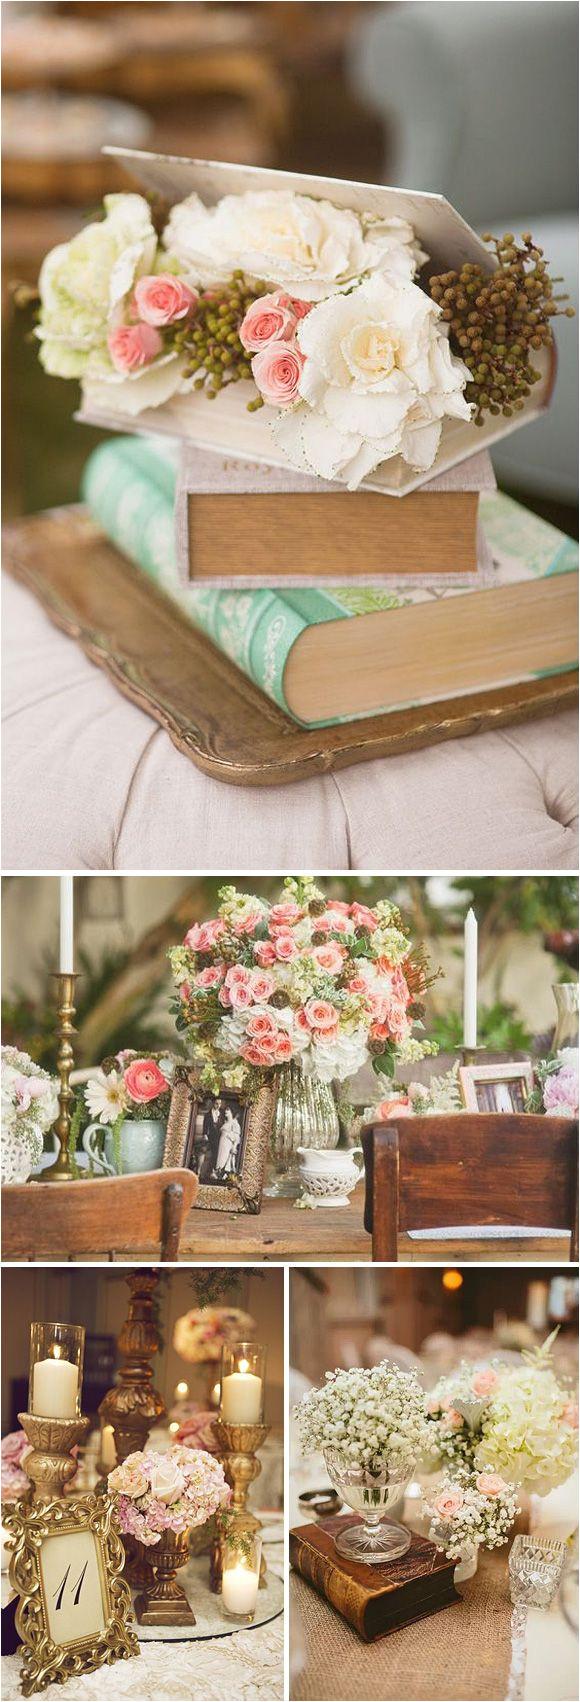 decoracion de bodas tematicas victorianas